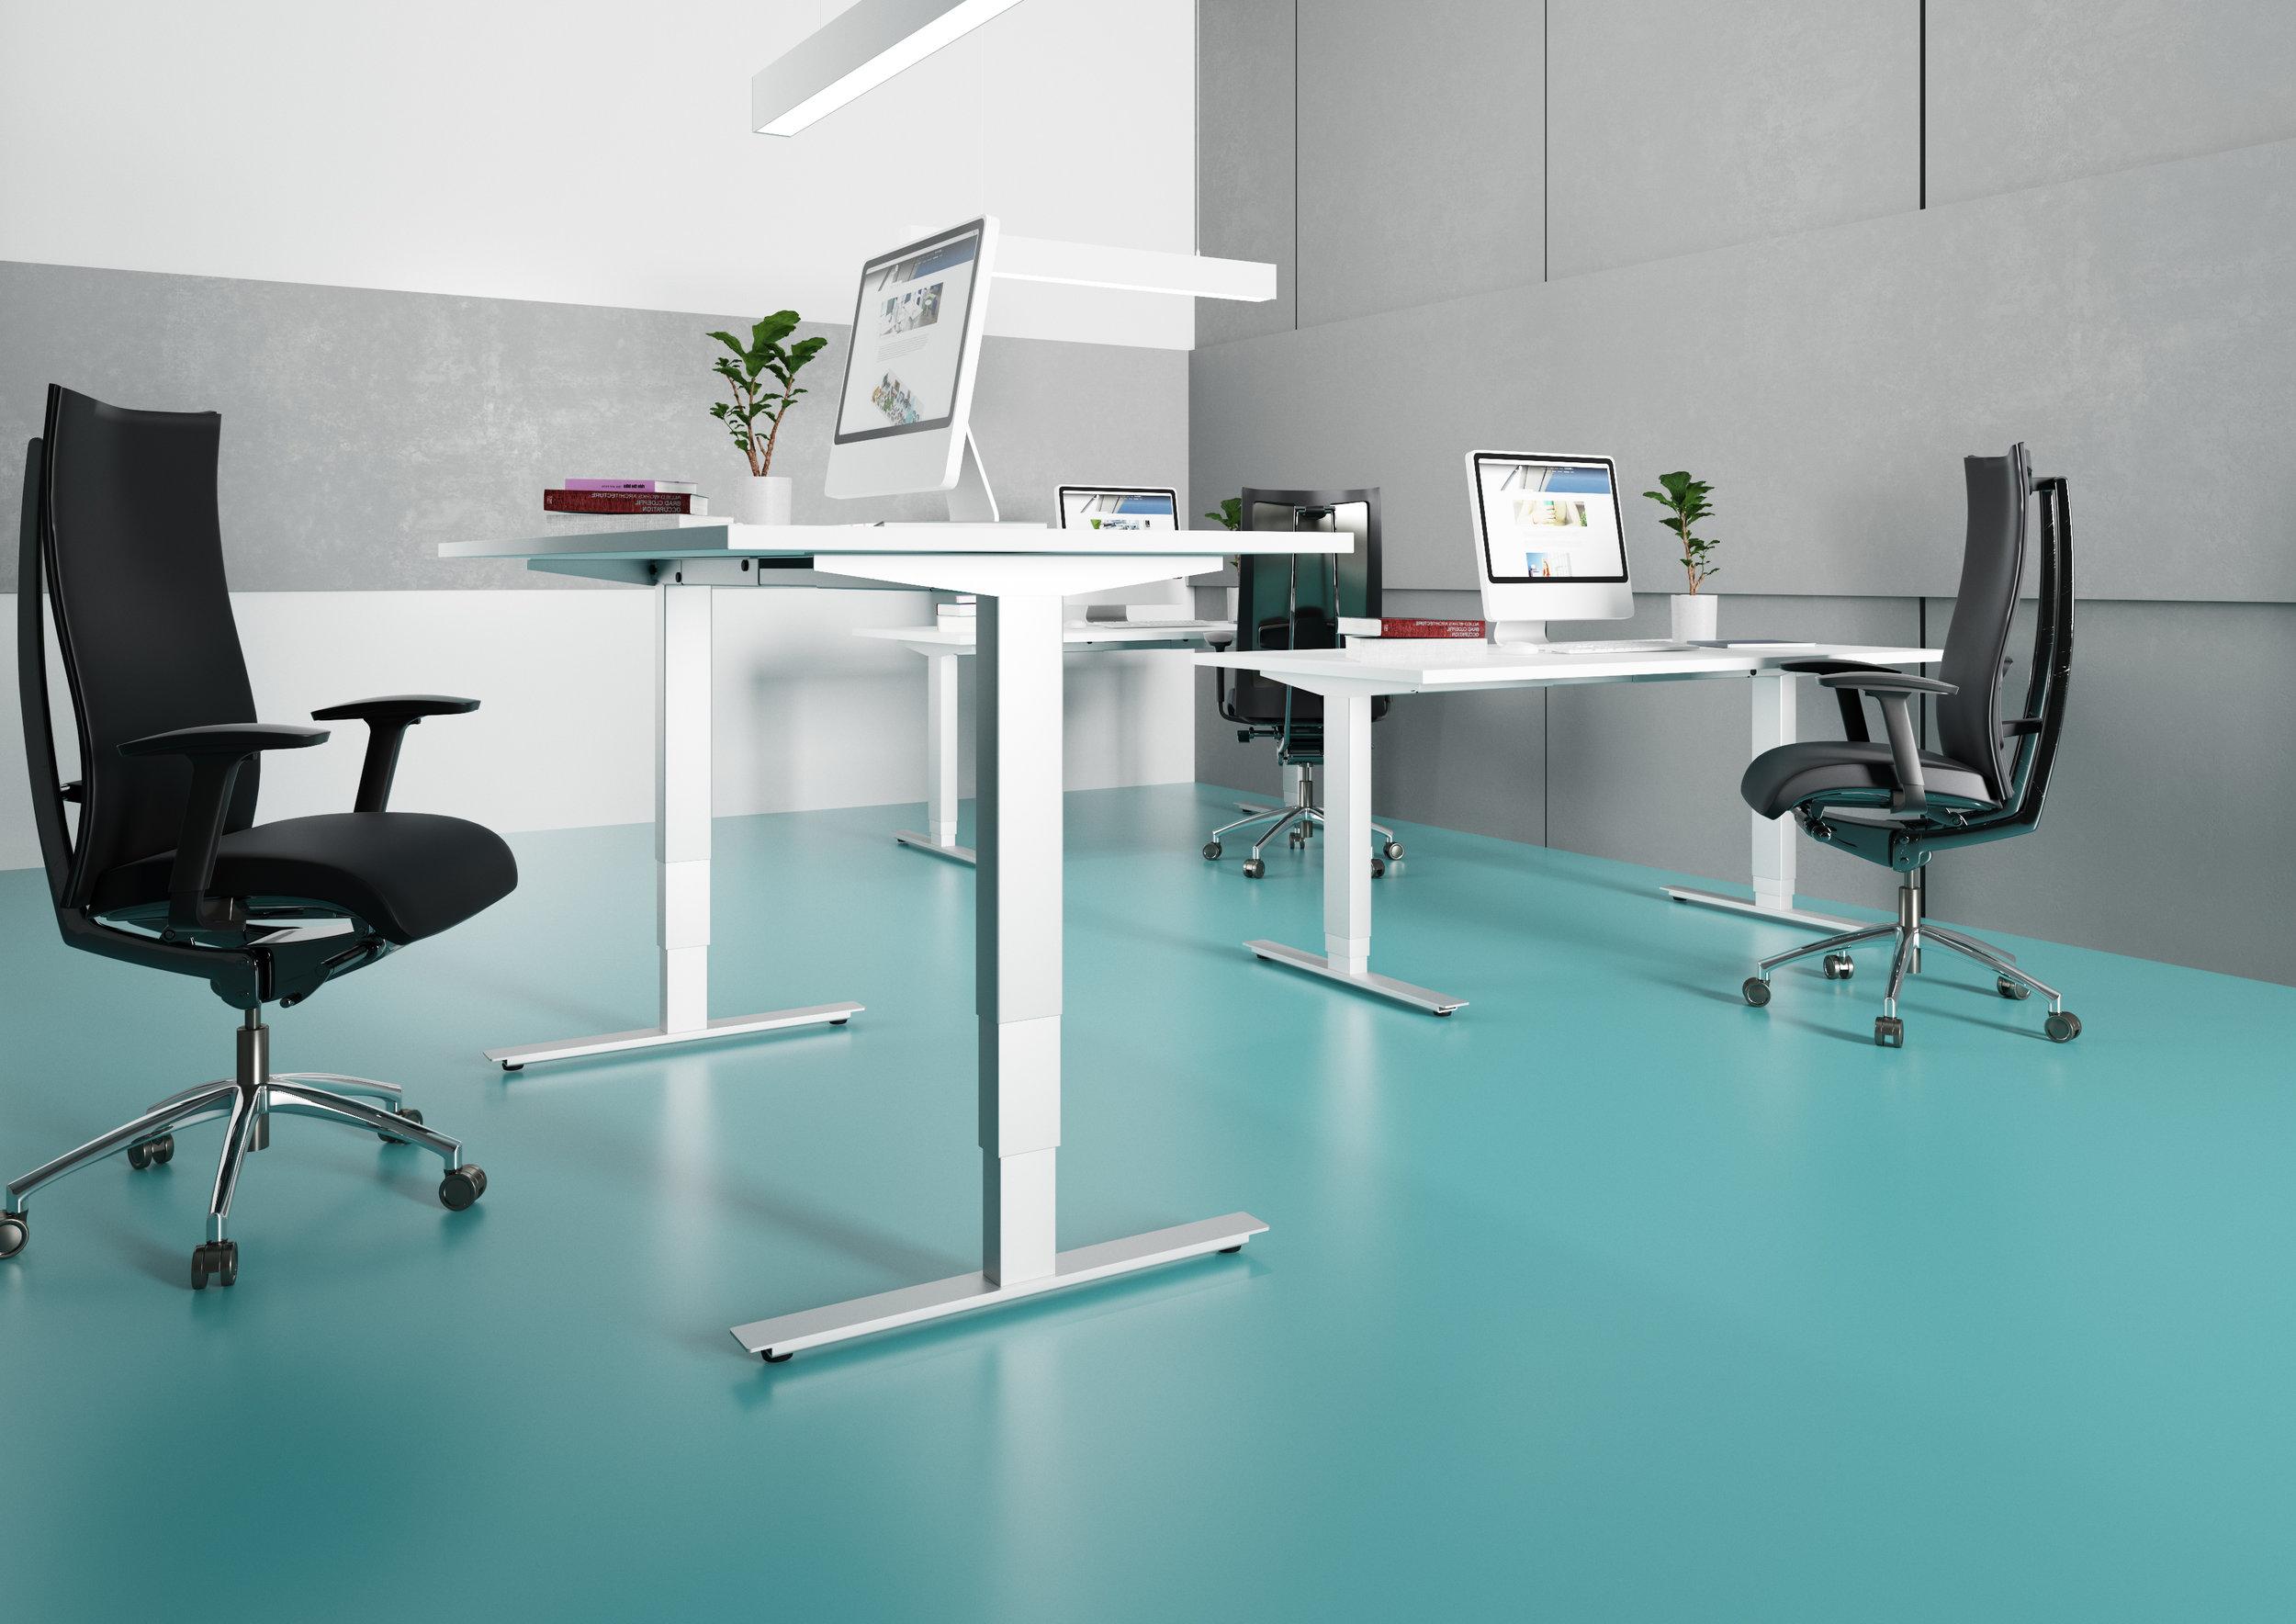 biurko z elektryczną regulacją wysokości_wizualizacja.jpg